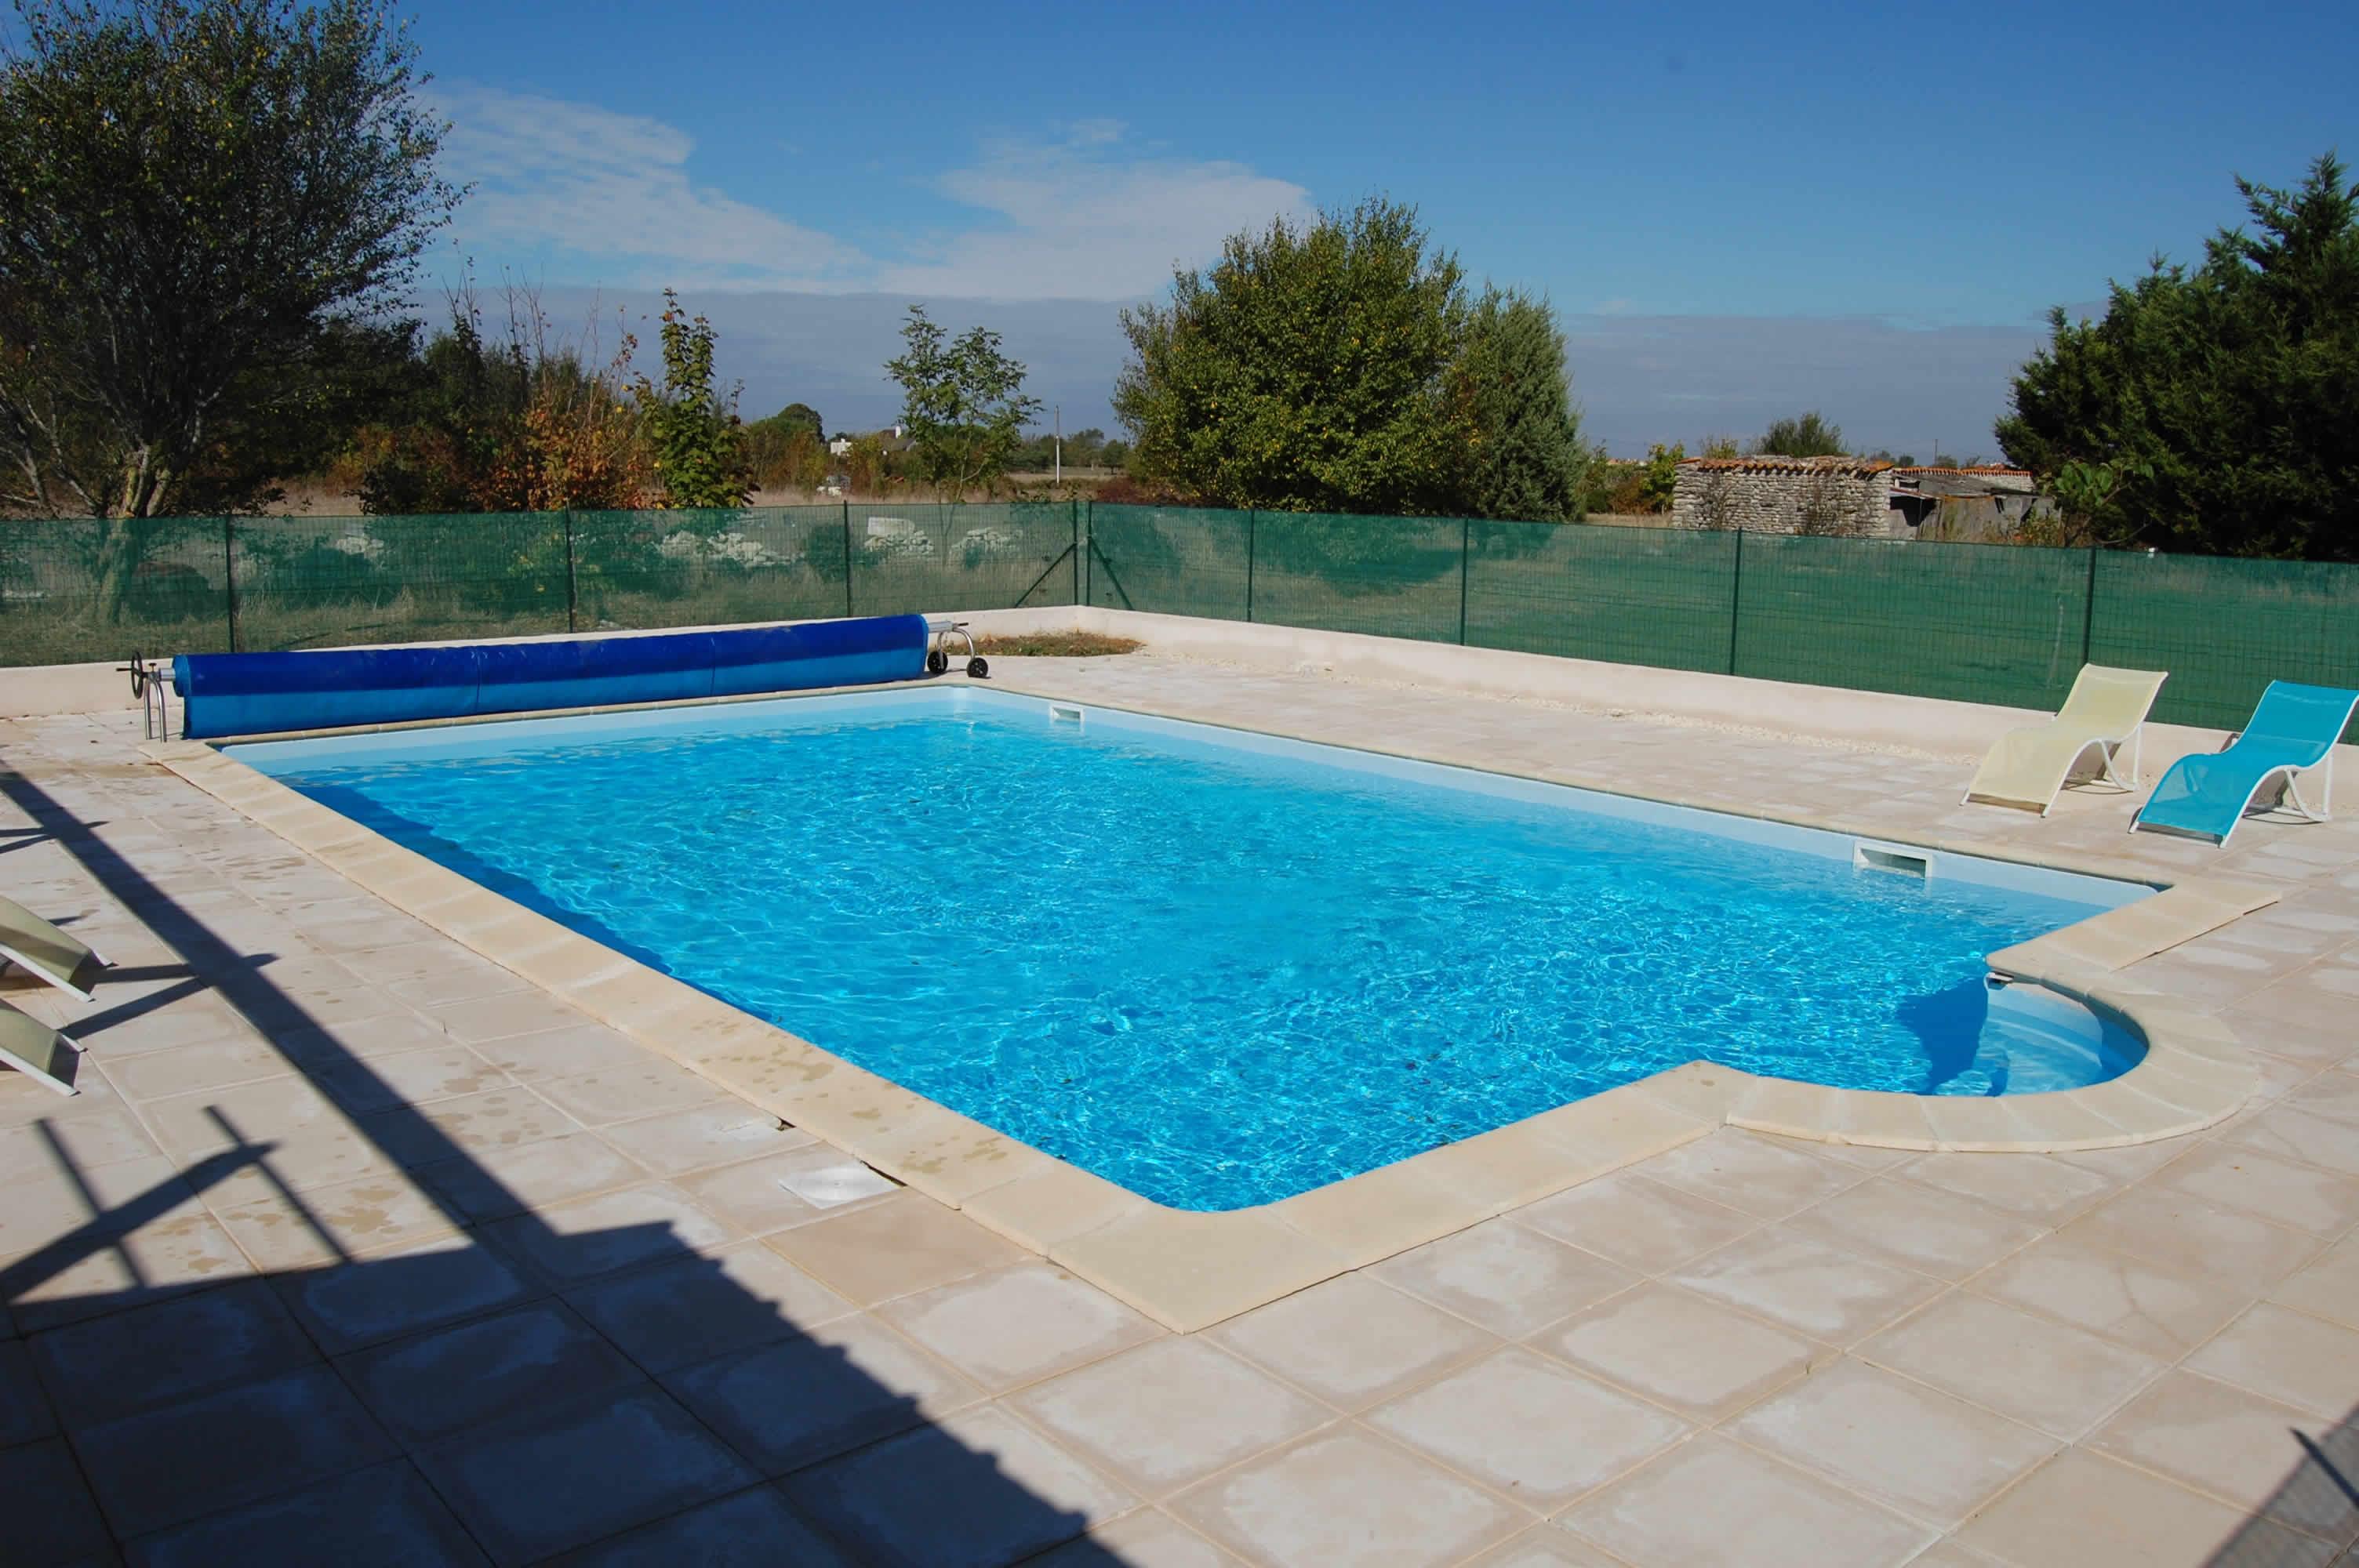 Gite avec piscine chauff e pr s de la rochelle for Camping pres de la rochelle avec piscine